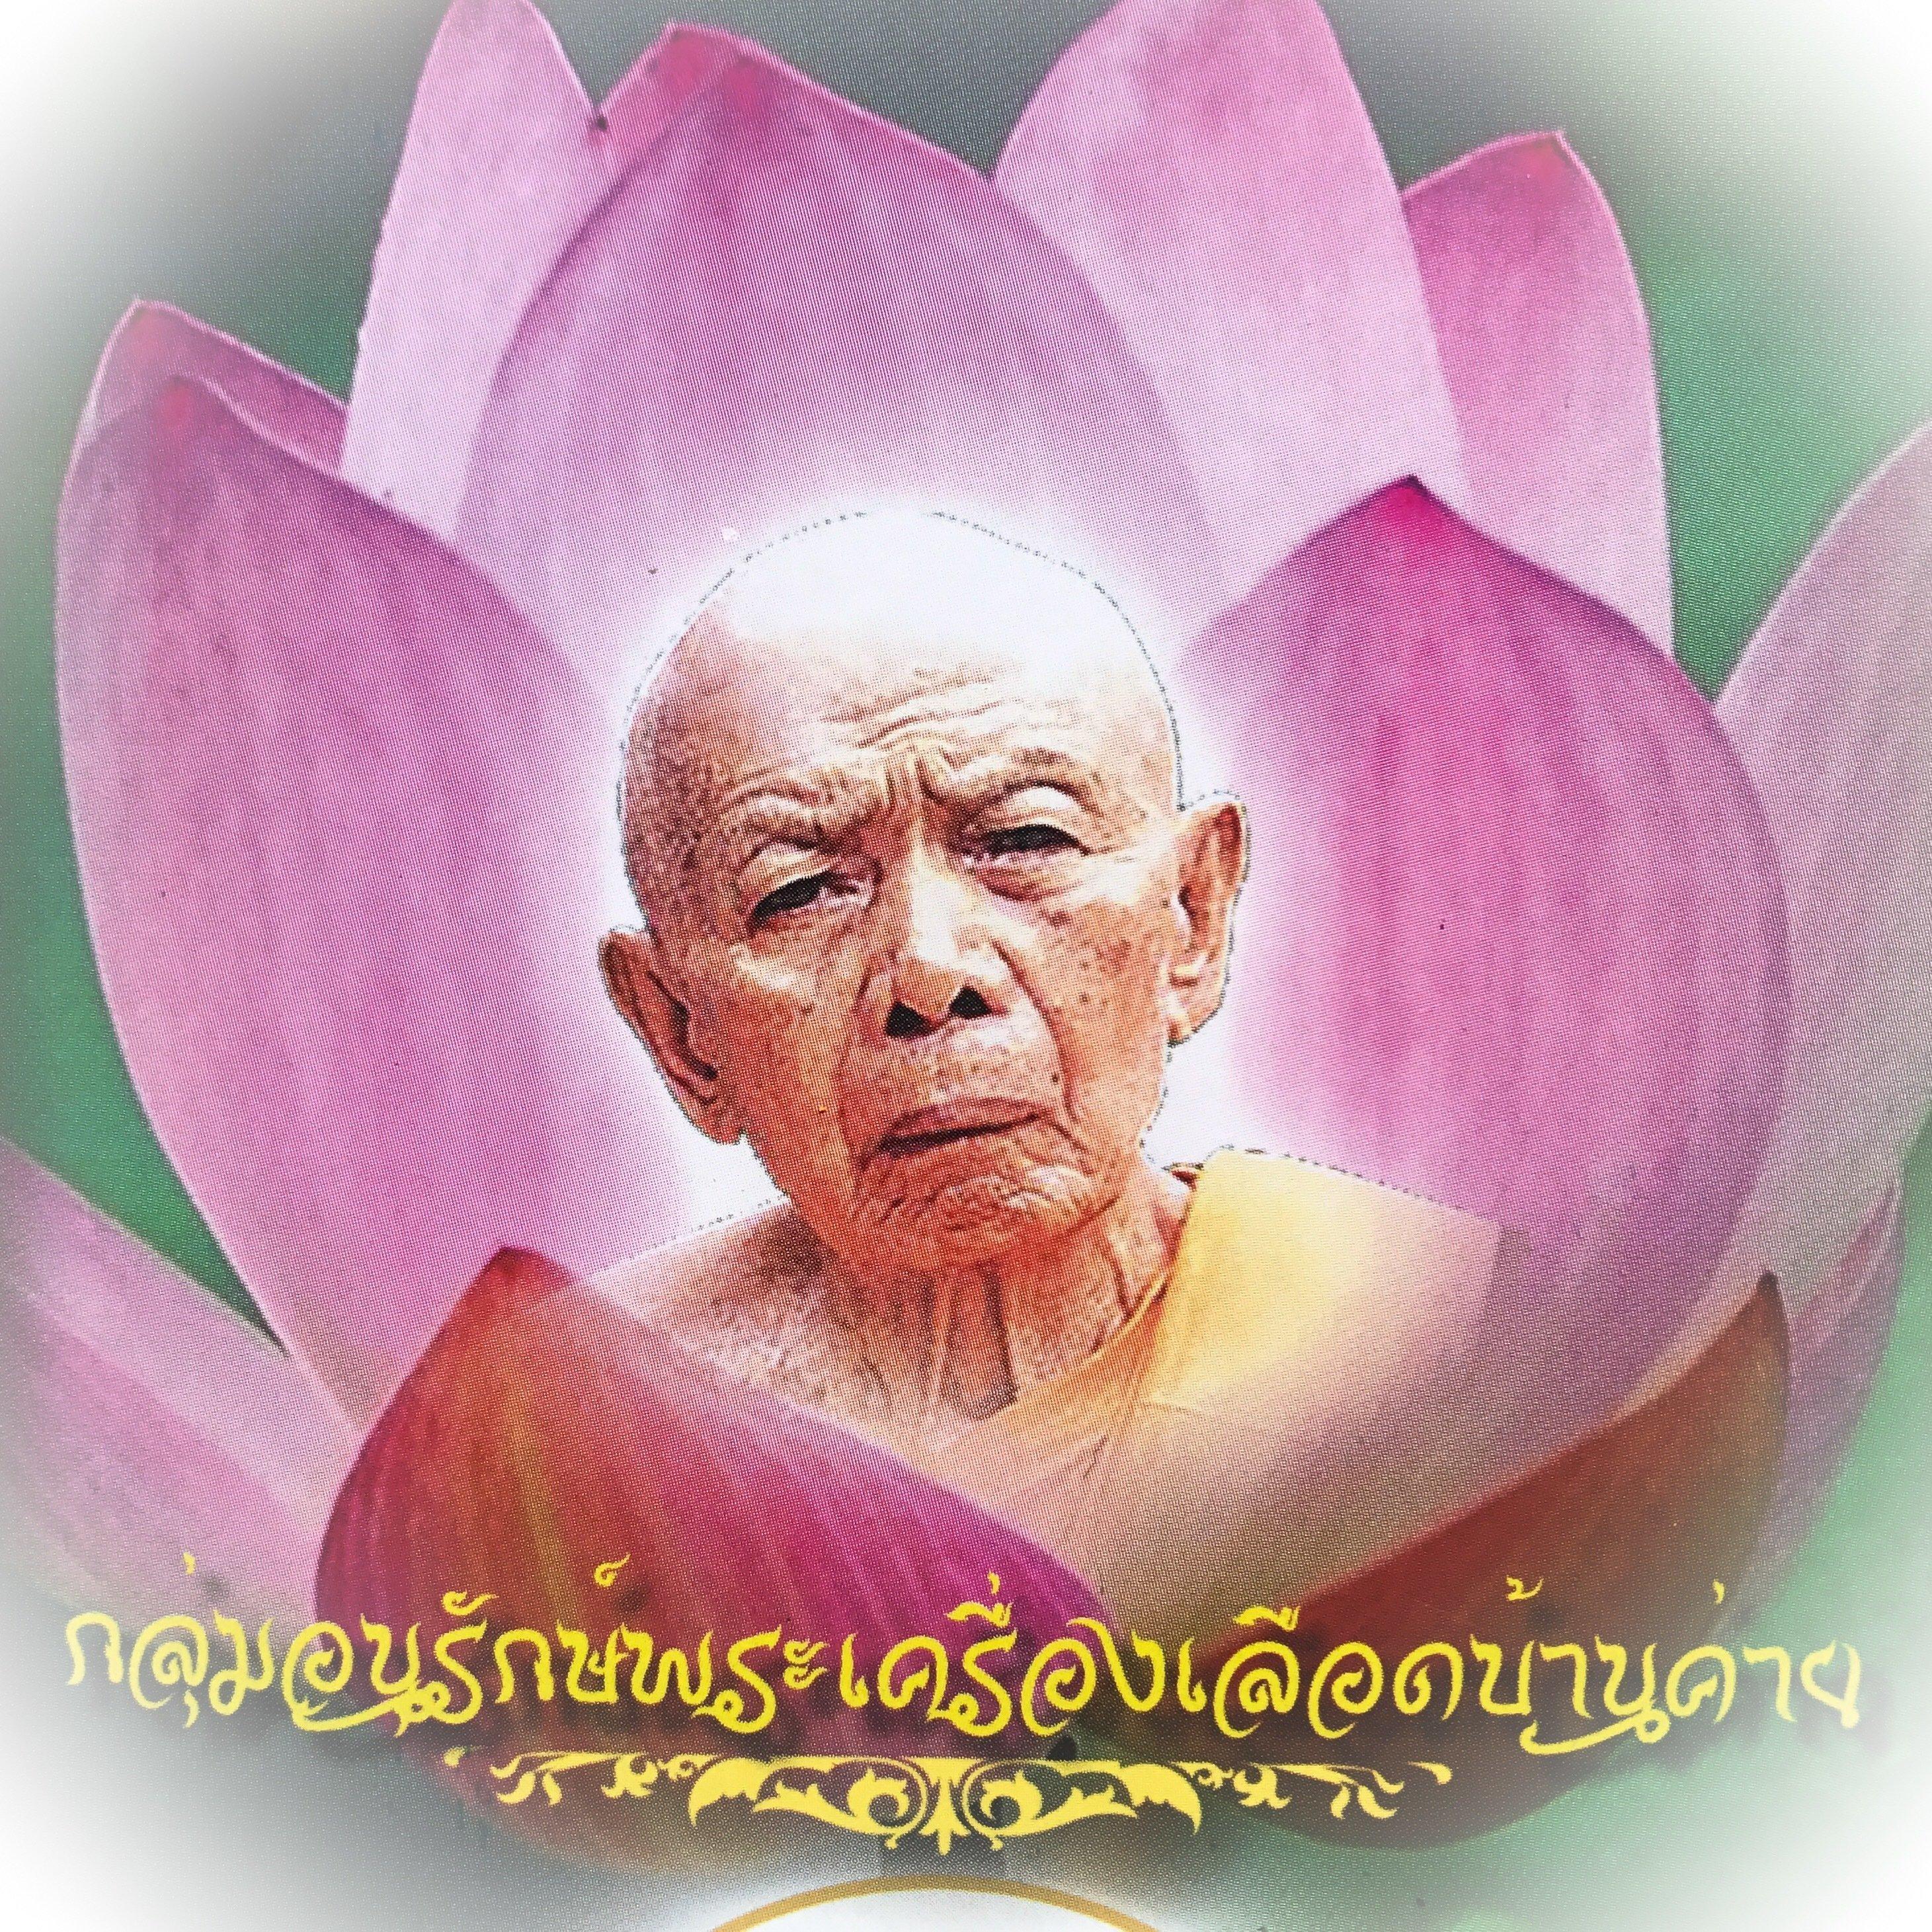 Luang Pu Tim